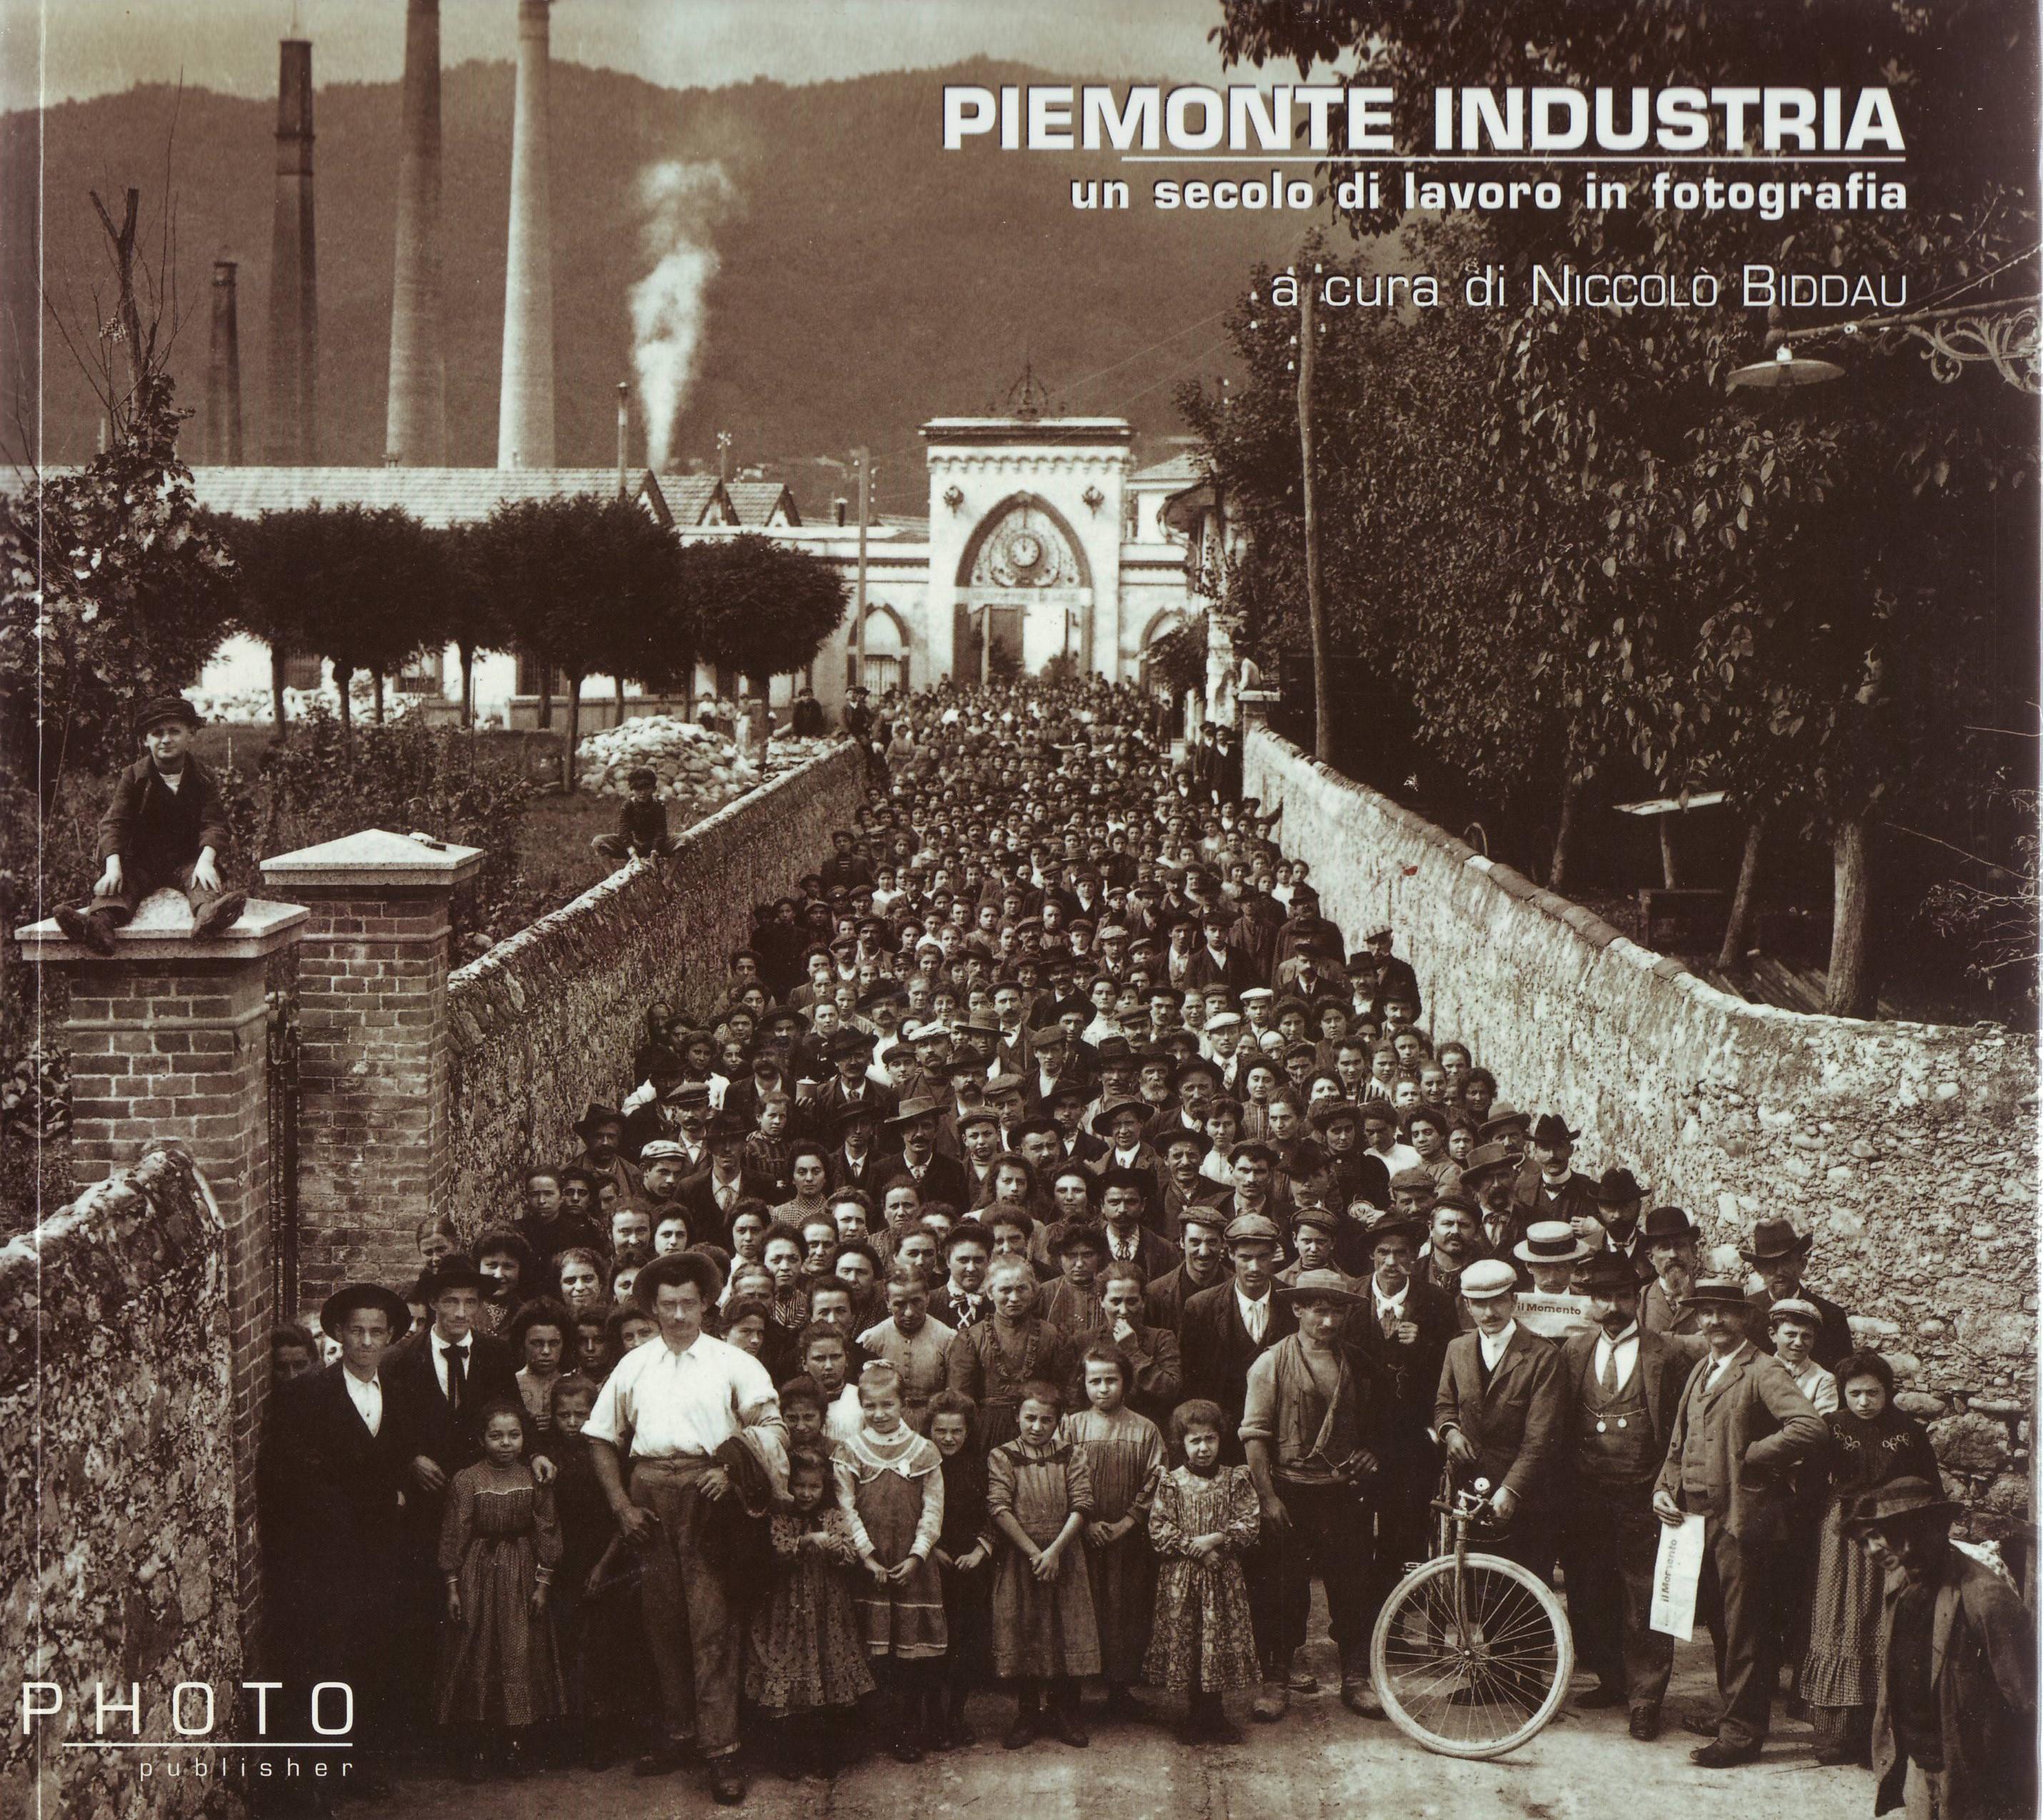 Piemonte industria